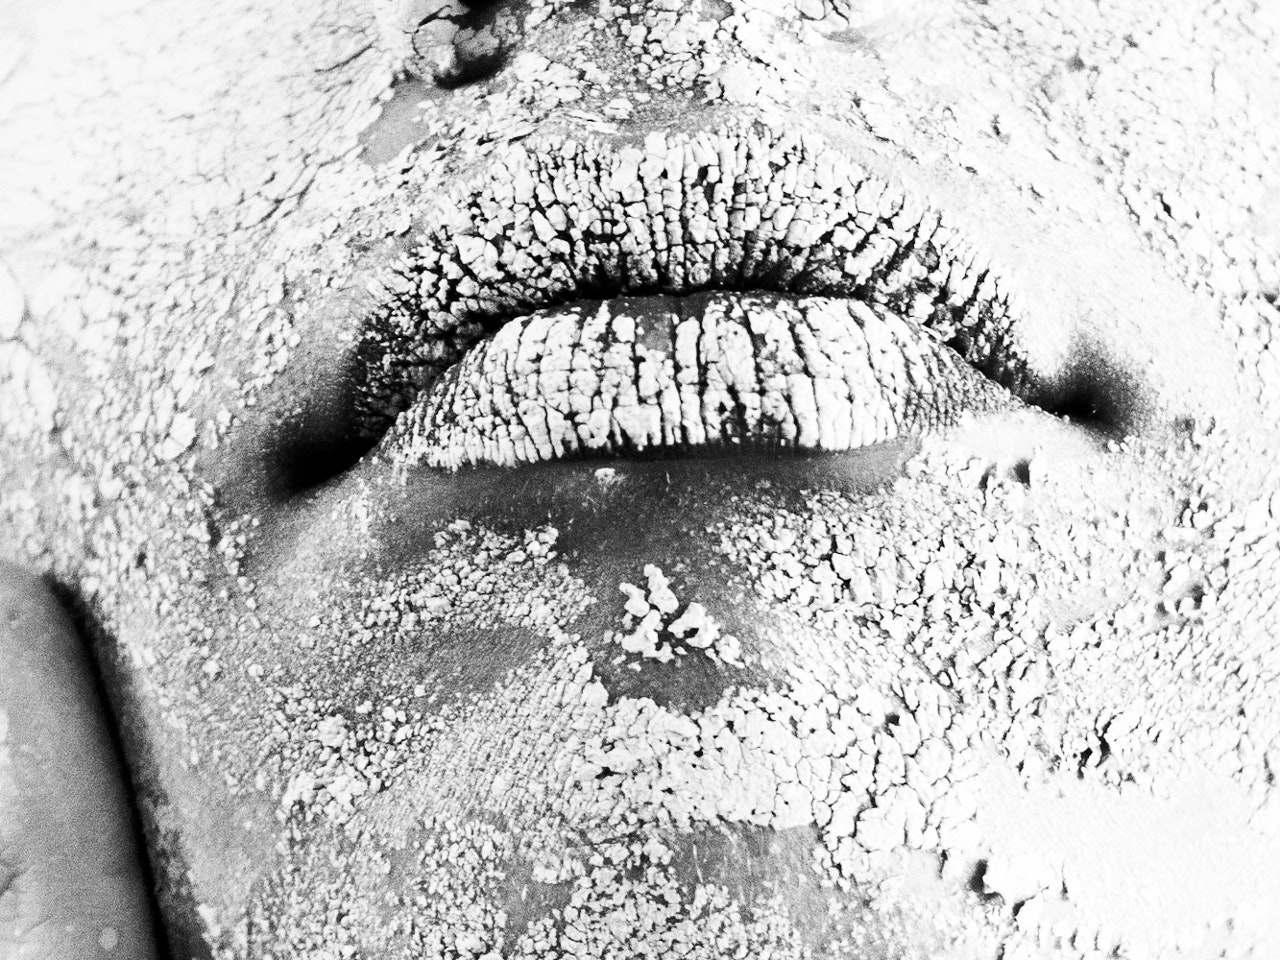 Se i tuoi denti parlassero? Aggressività e crisi di coppia - Divenire Magazine